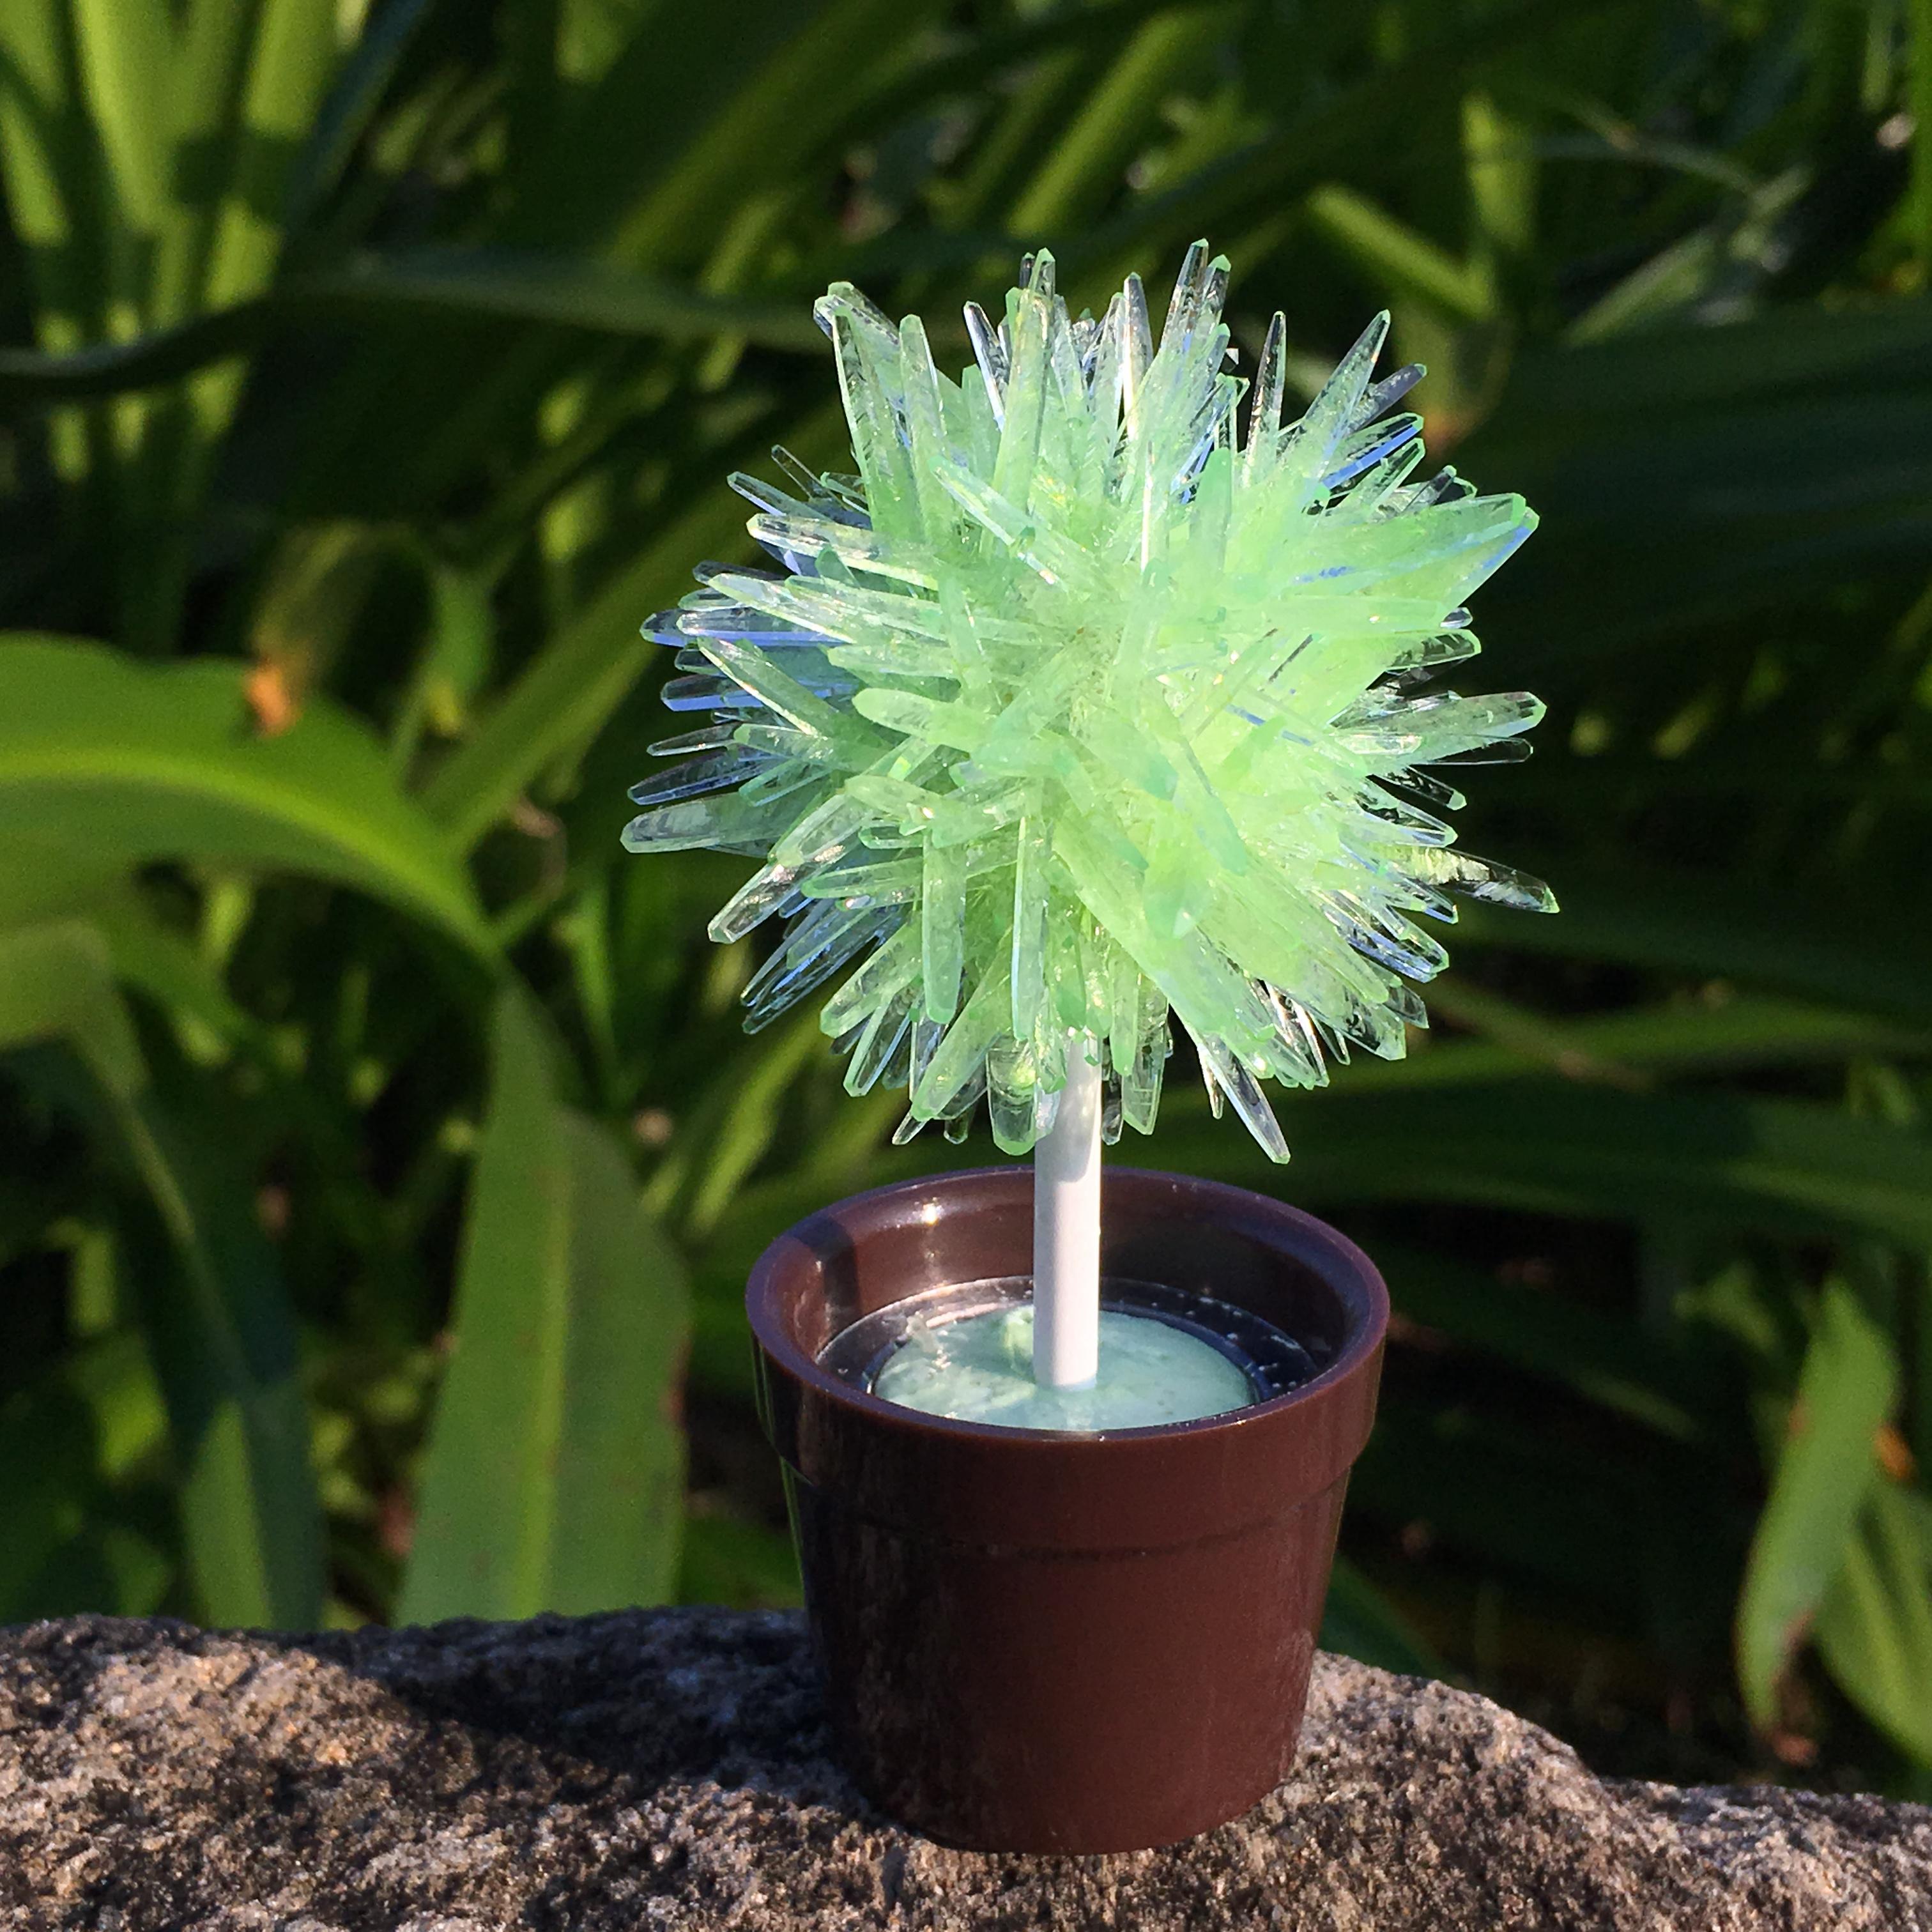 lollipop tree-apple green